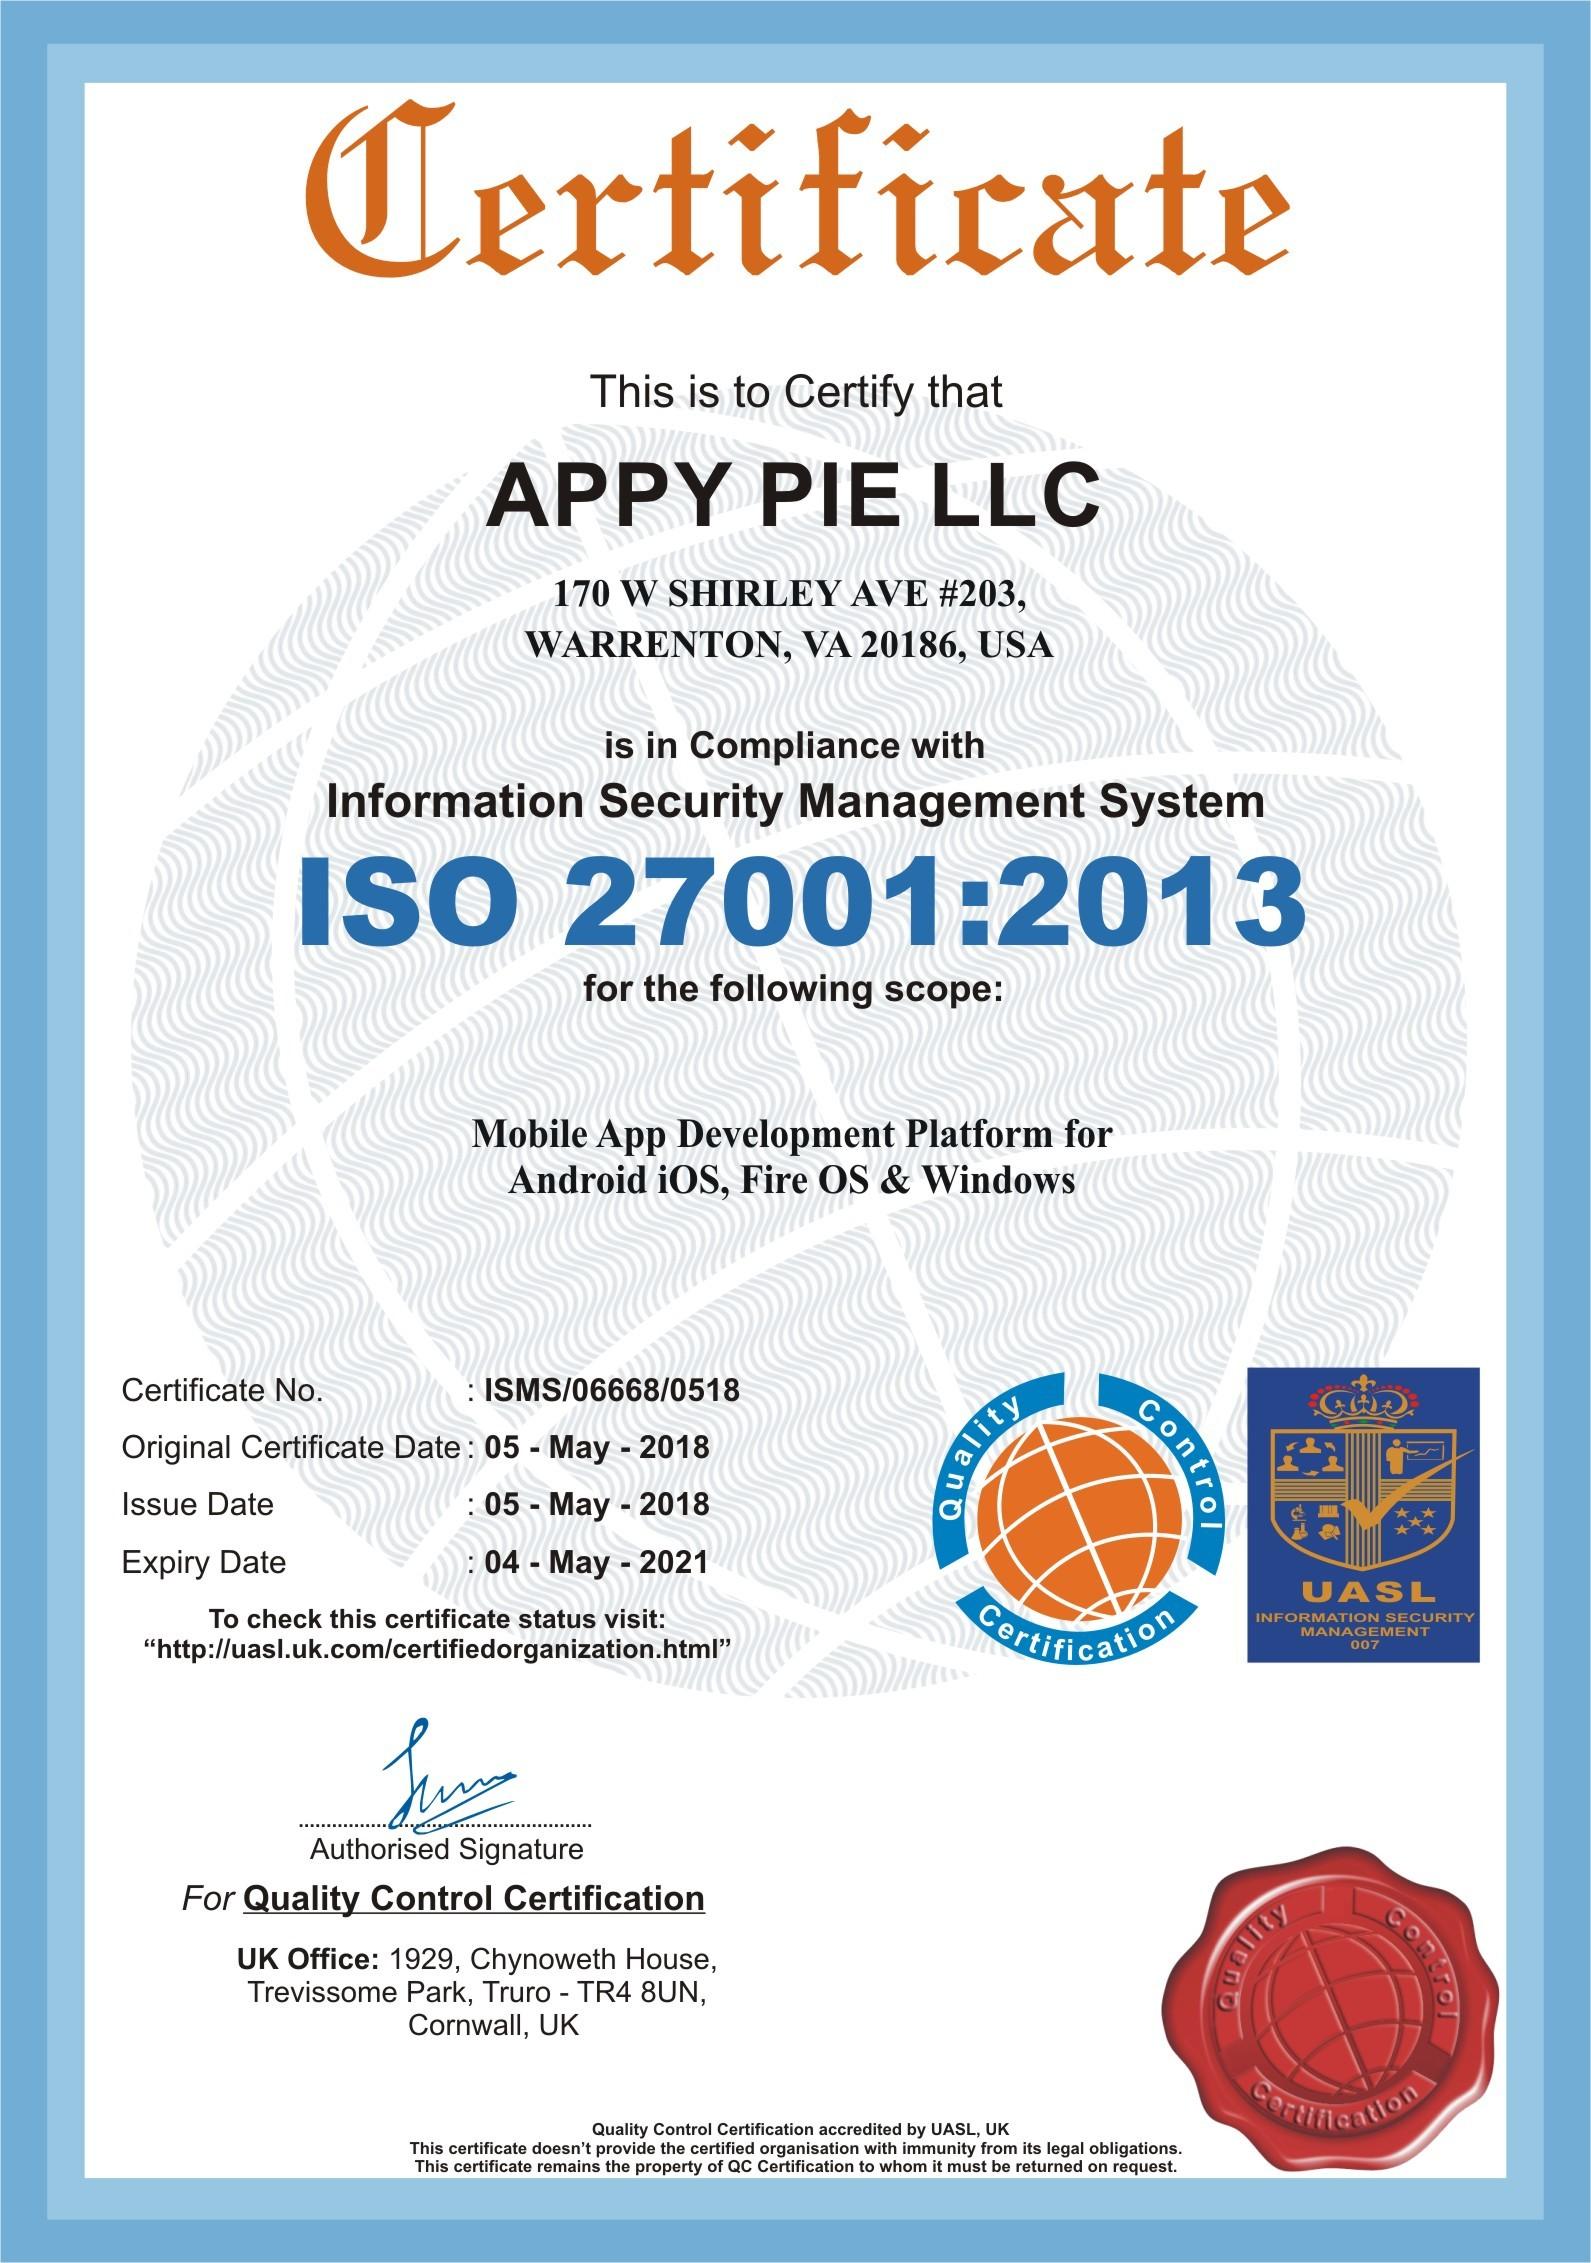 Appy Pie LLC